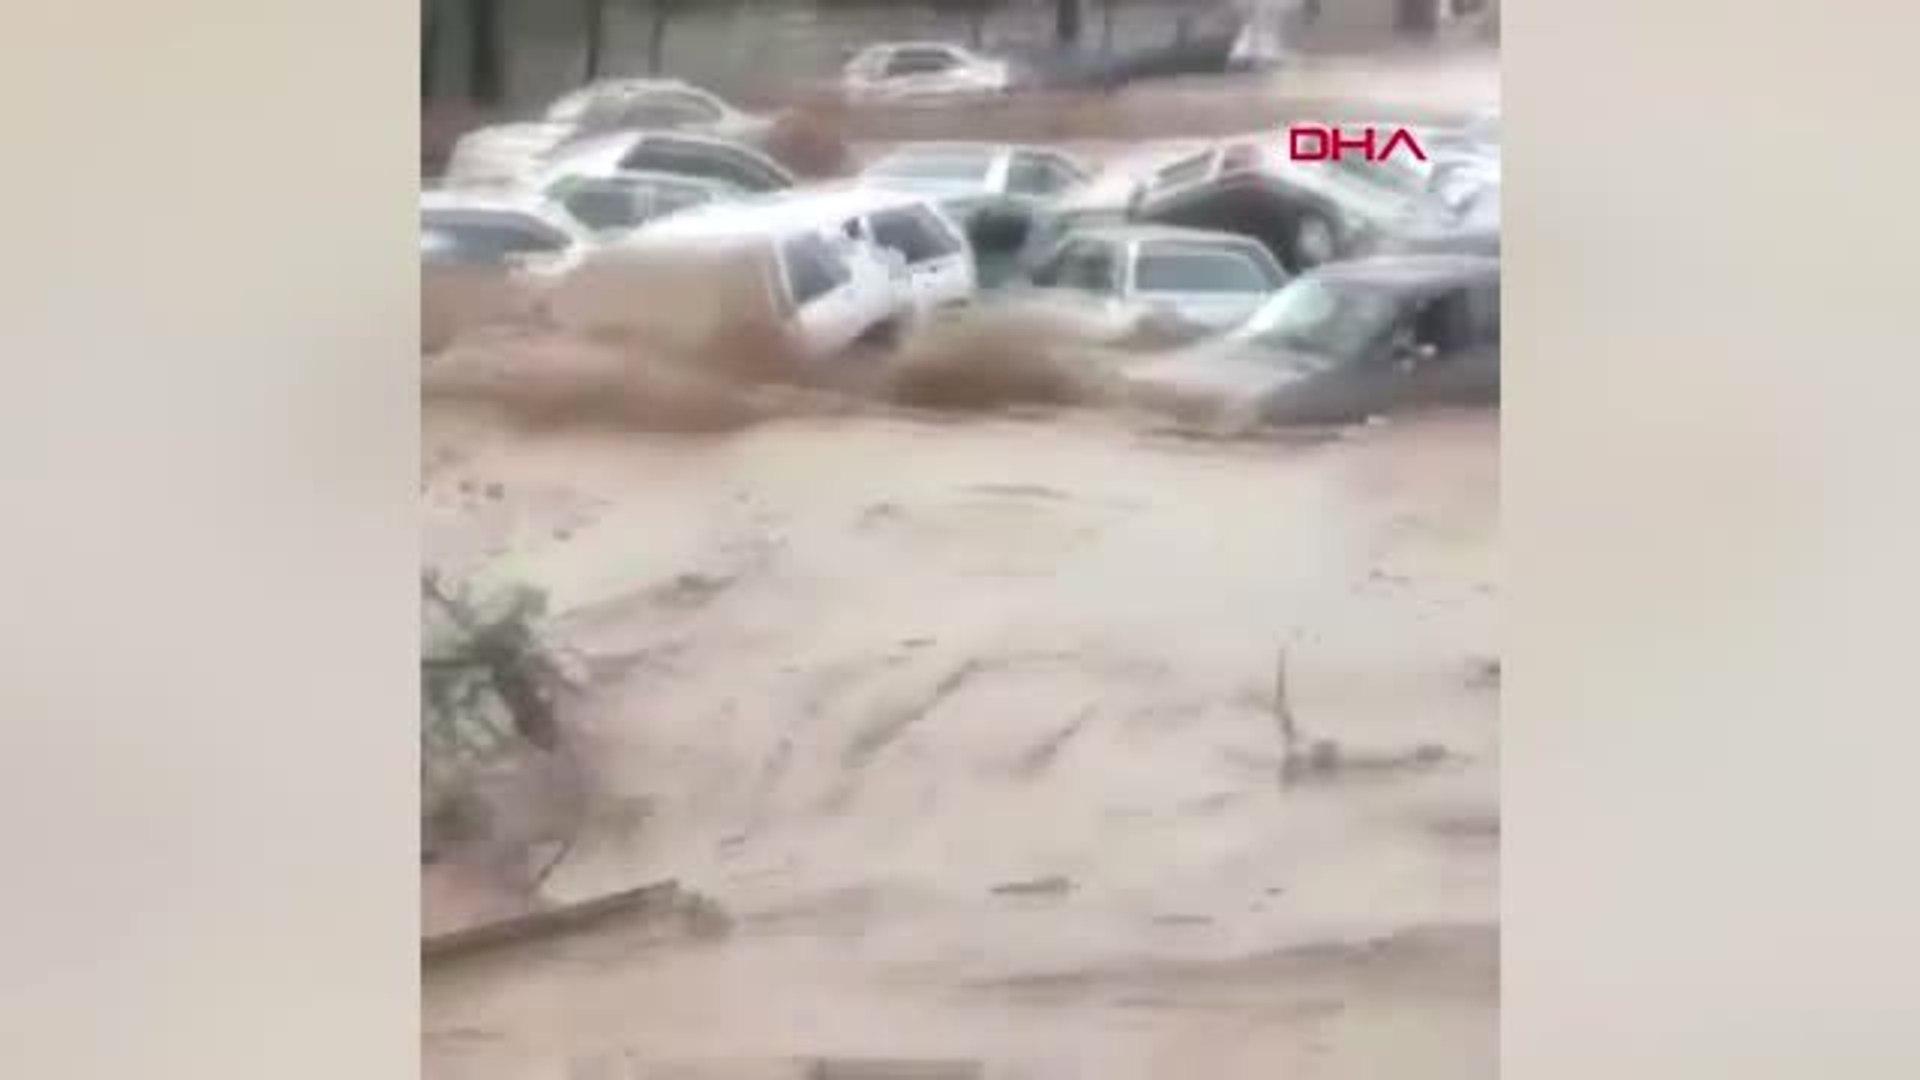 Dha Dış - İran'da Sel 11 Can Aldı... Otomobiller Ana Yolda Sürüklendi -